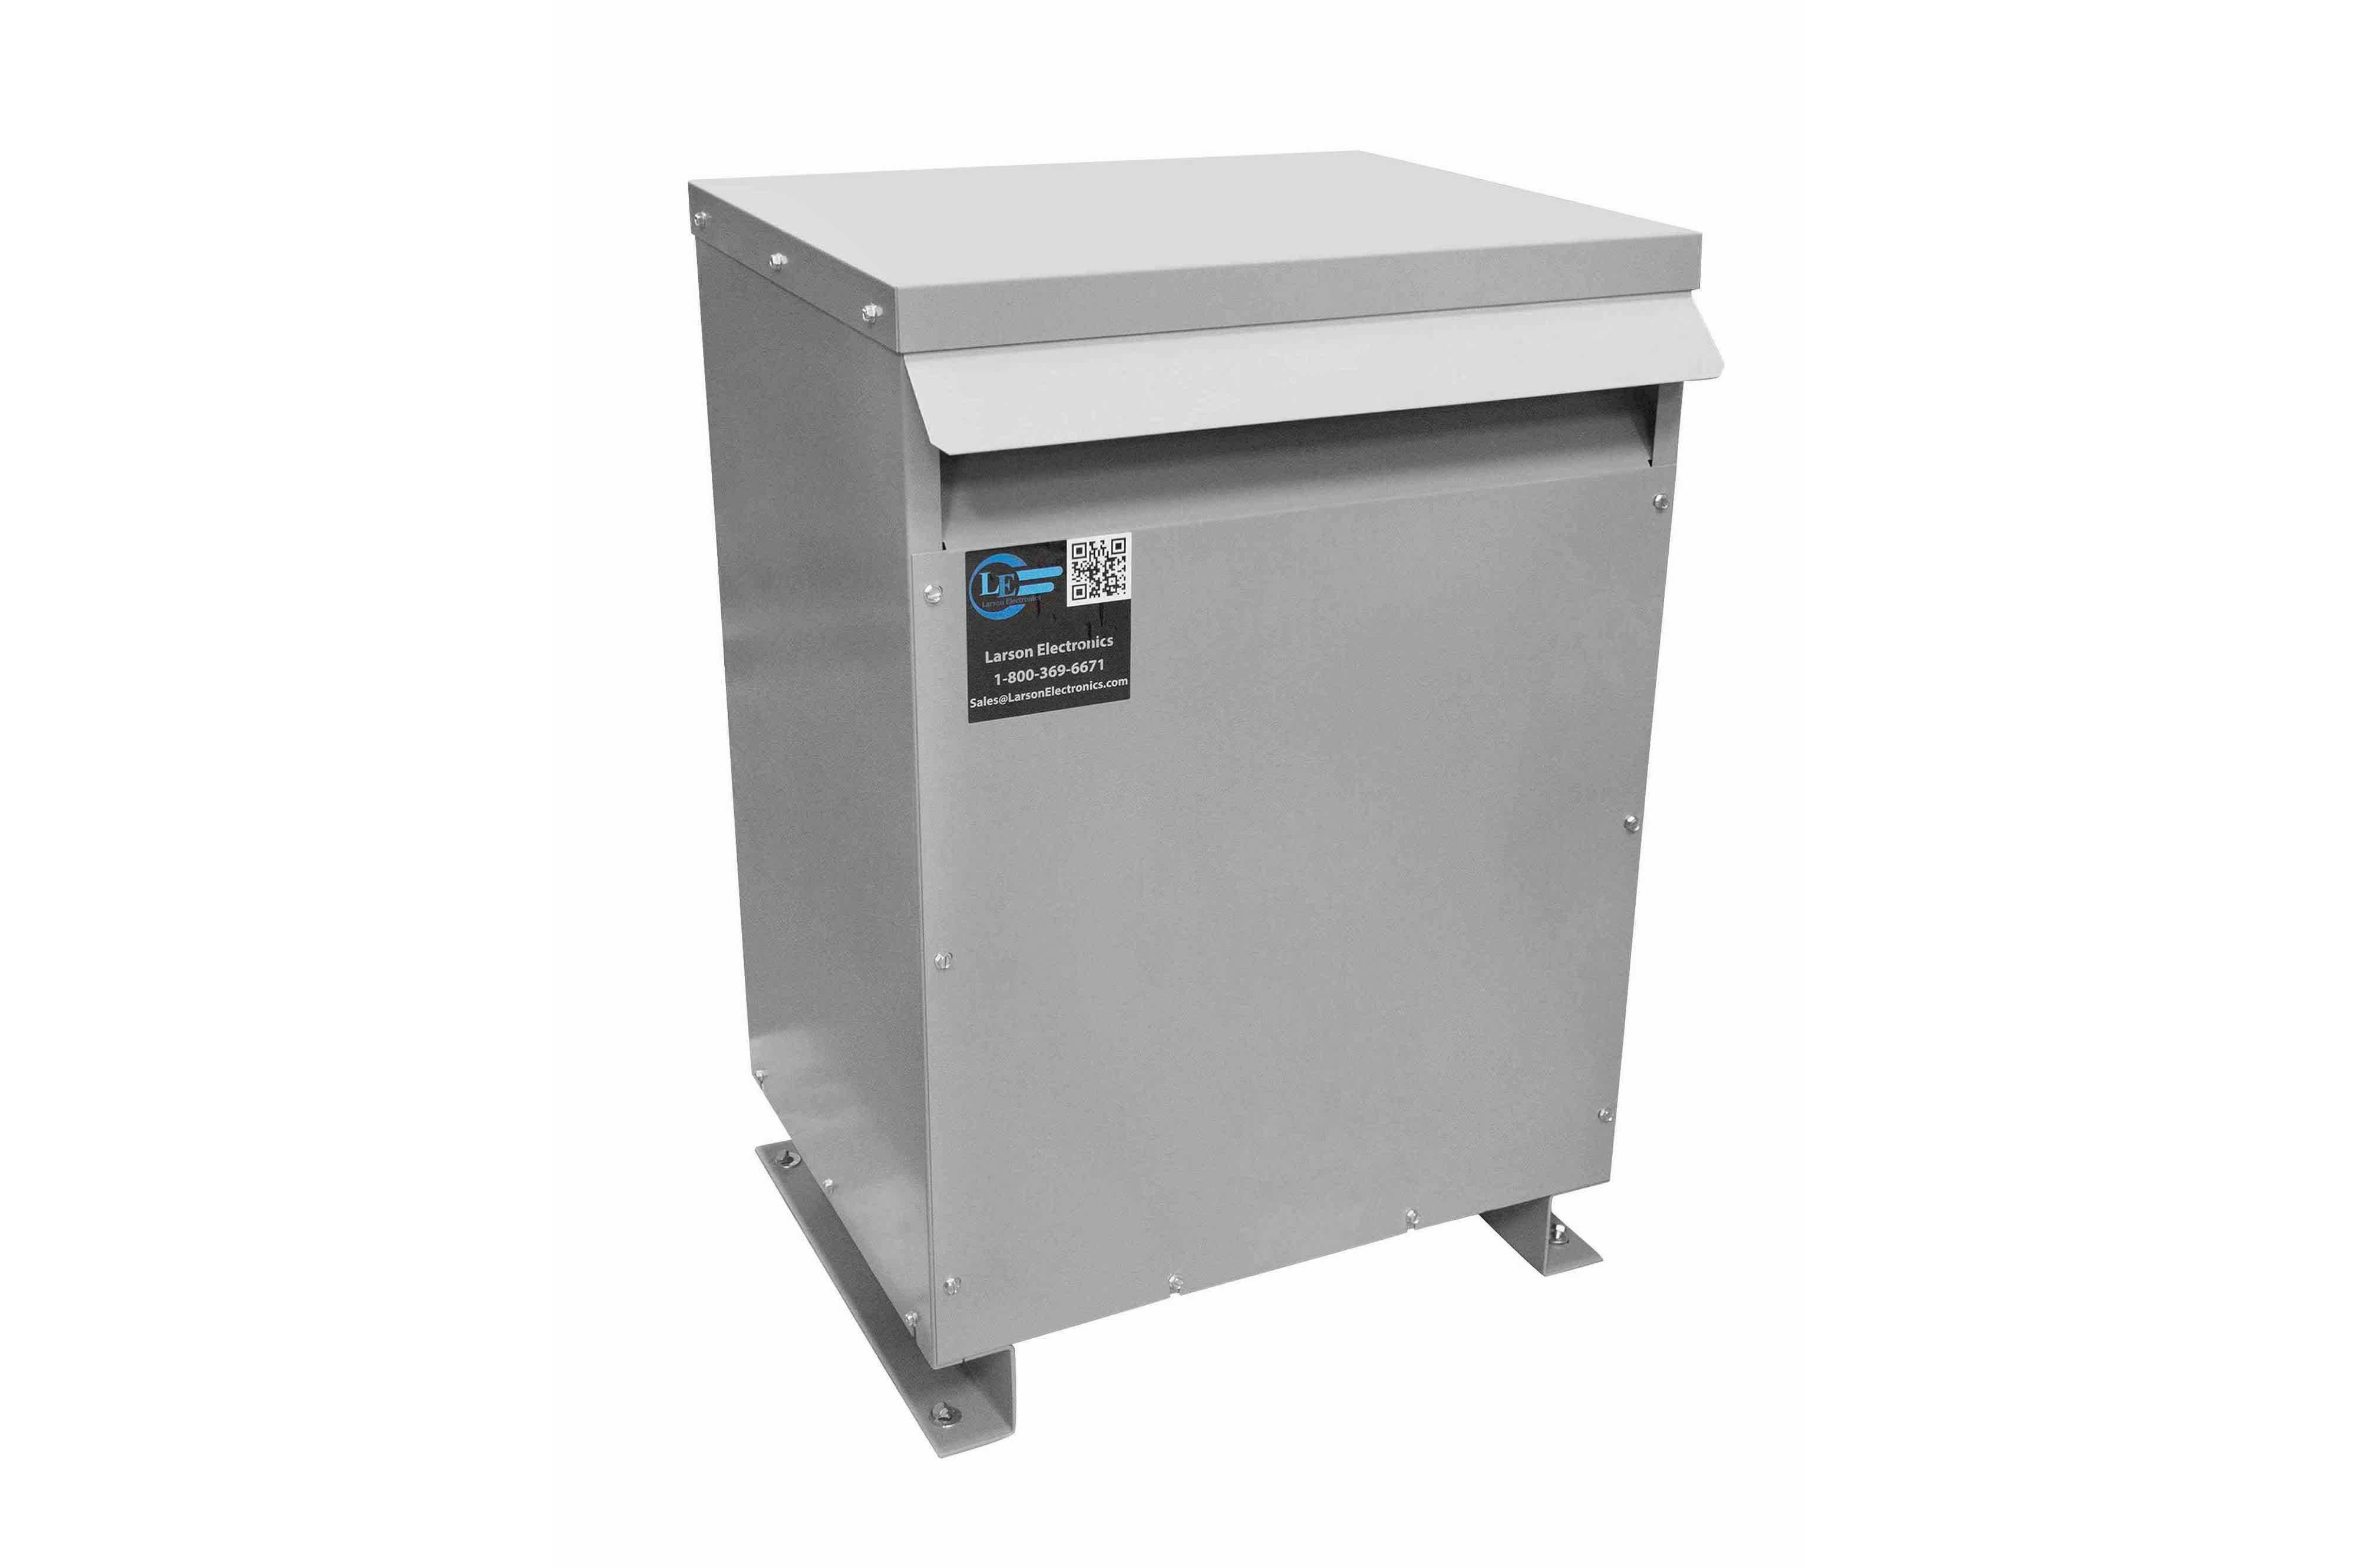 100 kVA 3PH DOE Transformer, 440V Delta Primary, 240V/120 Delta Secondary, N3R, Ventilated, 60 Hz